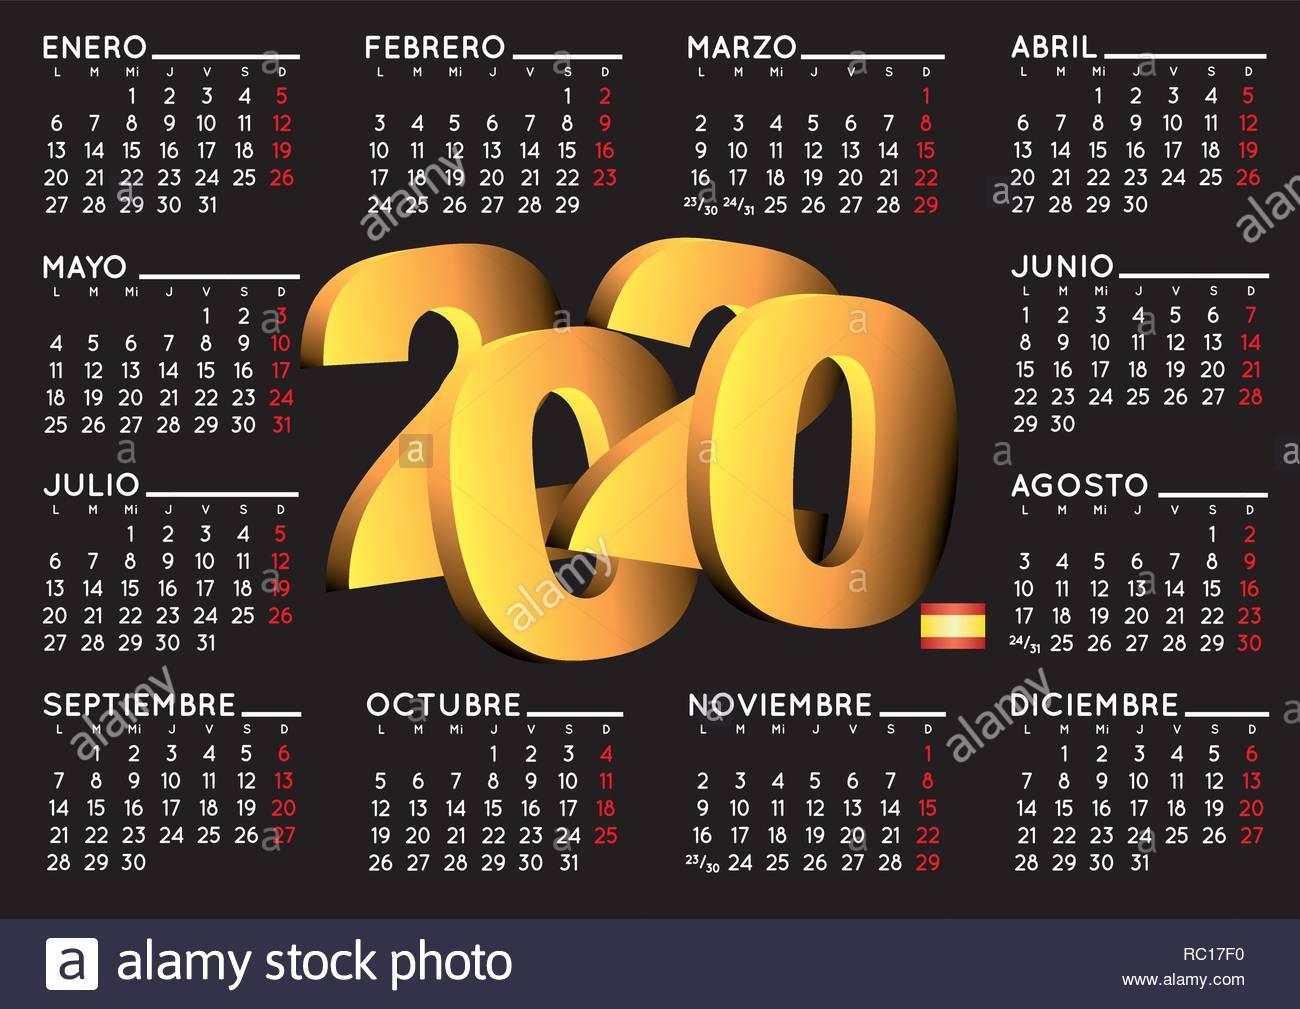 Calendario 2020 Chile Vector.Calendario 2020 Stock Photos Calendario 2020 Stock Images